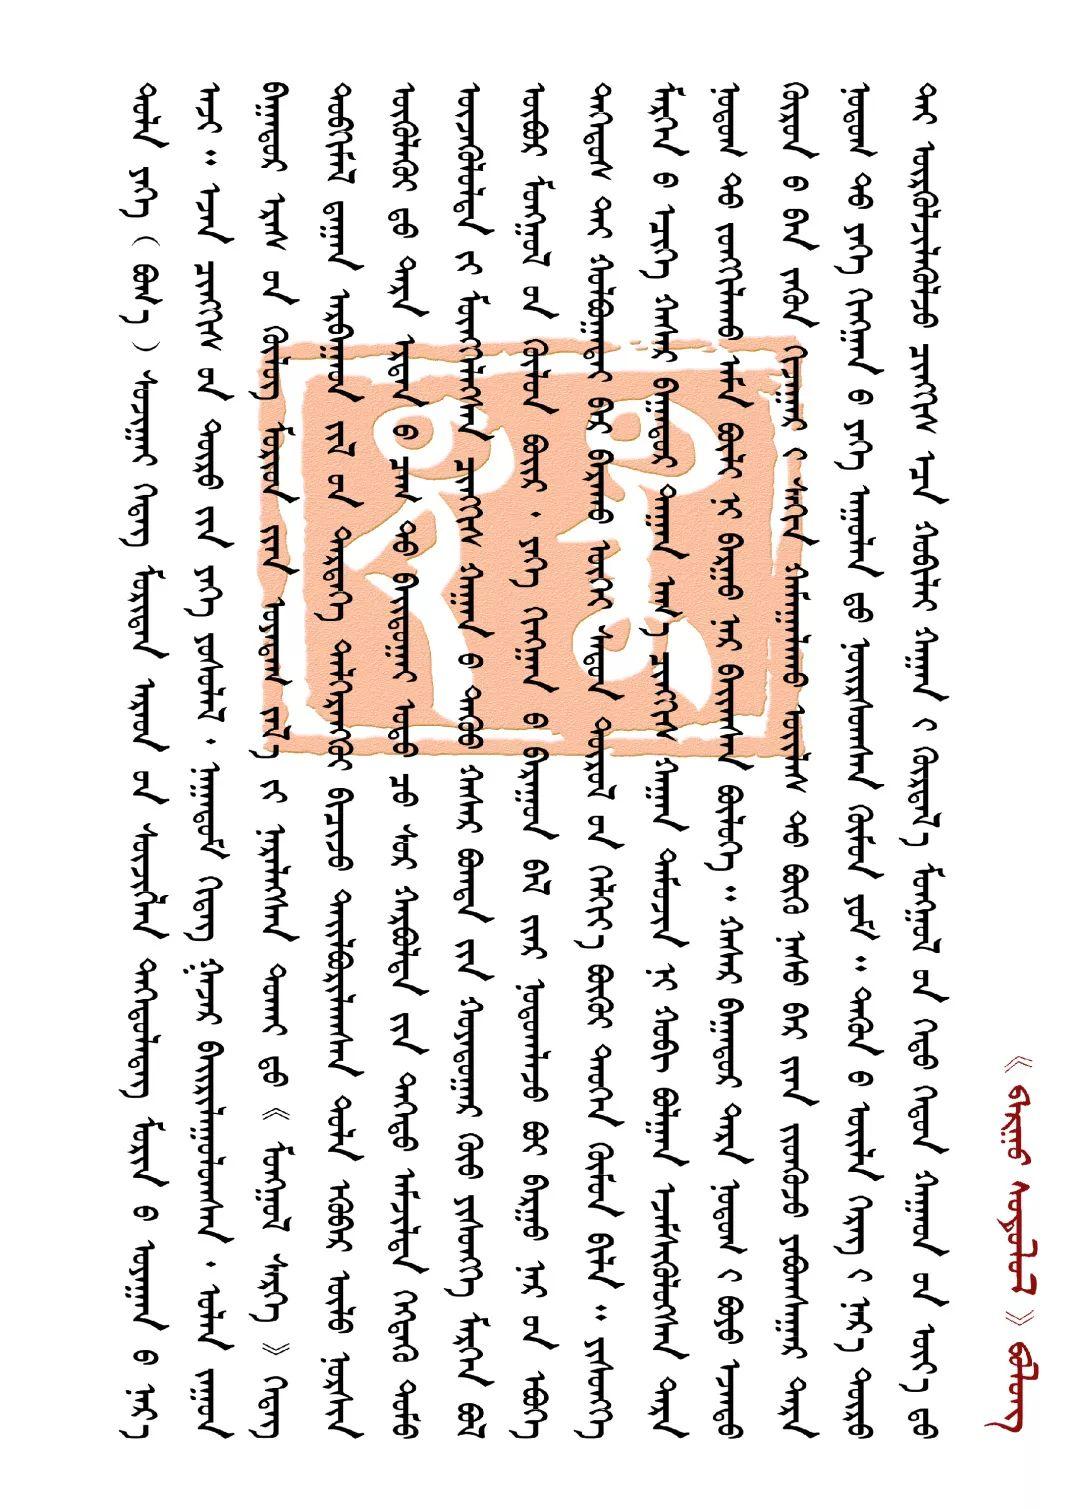 巴尔虎研究 【第三期】 第11张 巴尔虎研究 【第三期】 蒙古文化